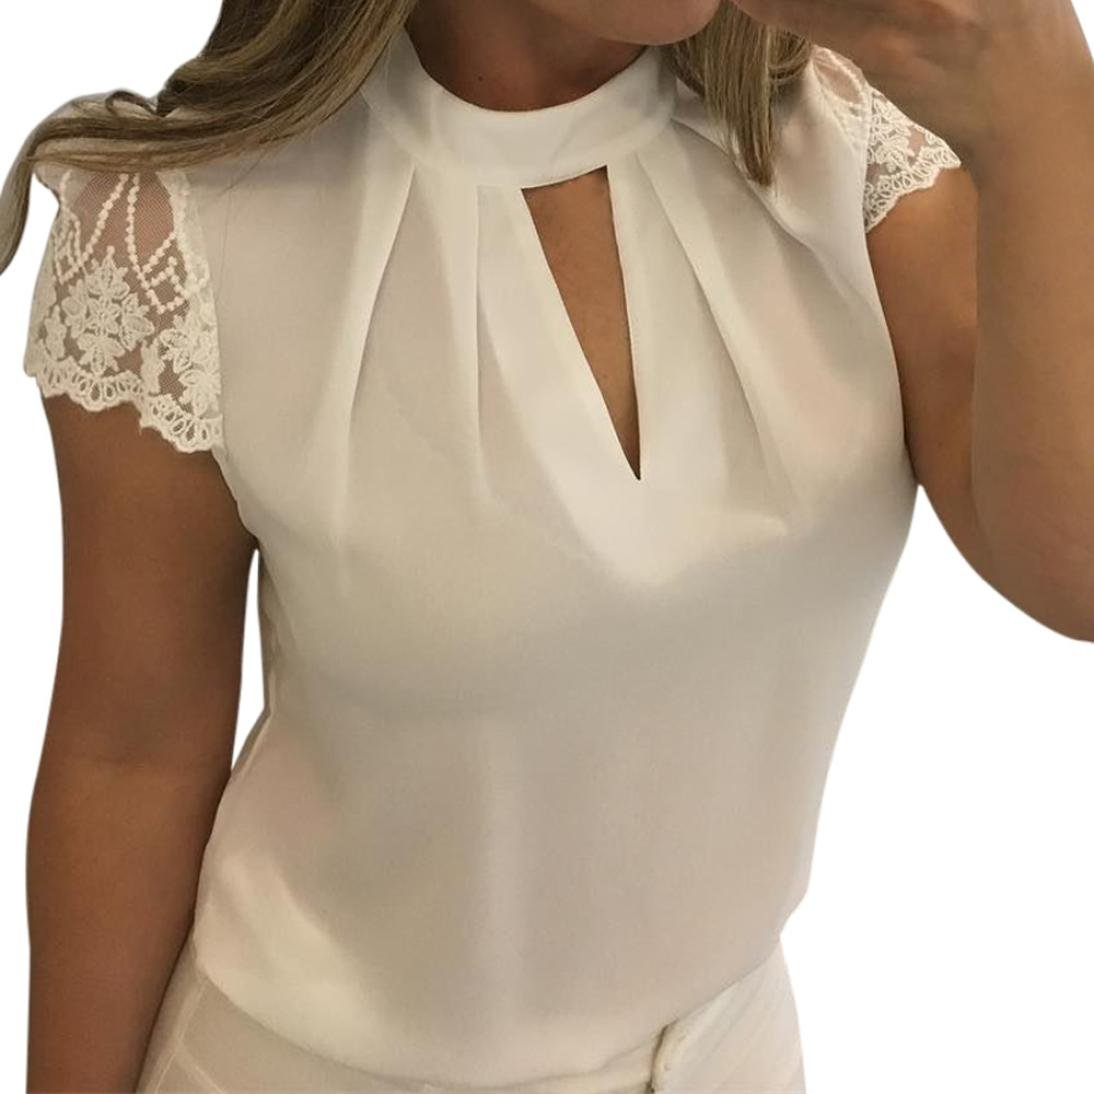 Bluse Damen Elegant LHWY Frauen Casual Chiffon Kurzarm Splice Spitze Crop Top Bluse Business Oberteile Zurück Reißverschluss Sommerkleid Weiß